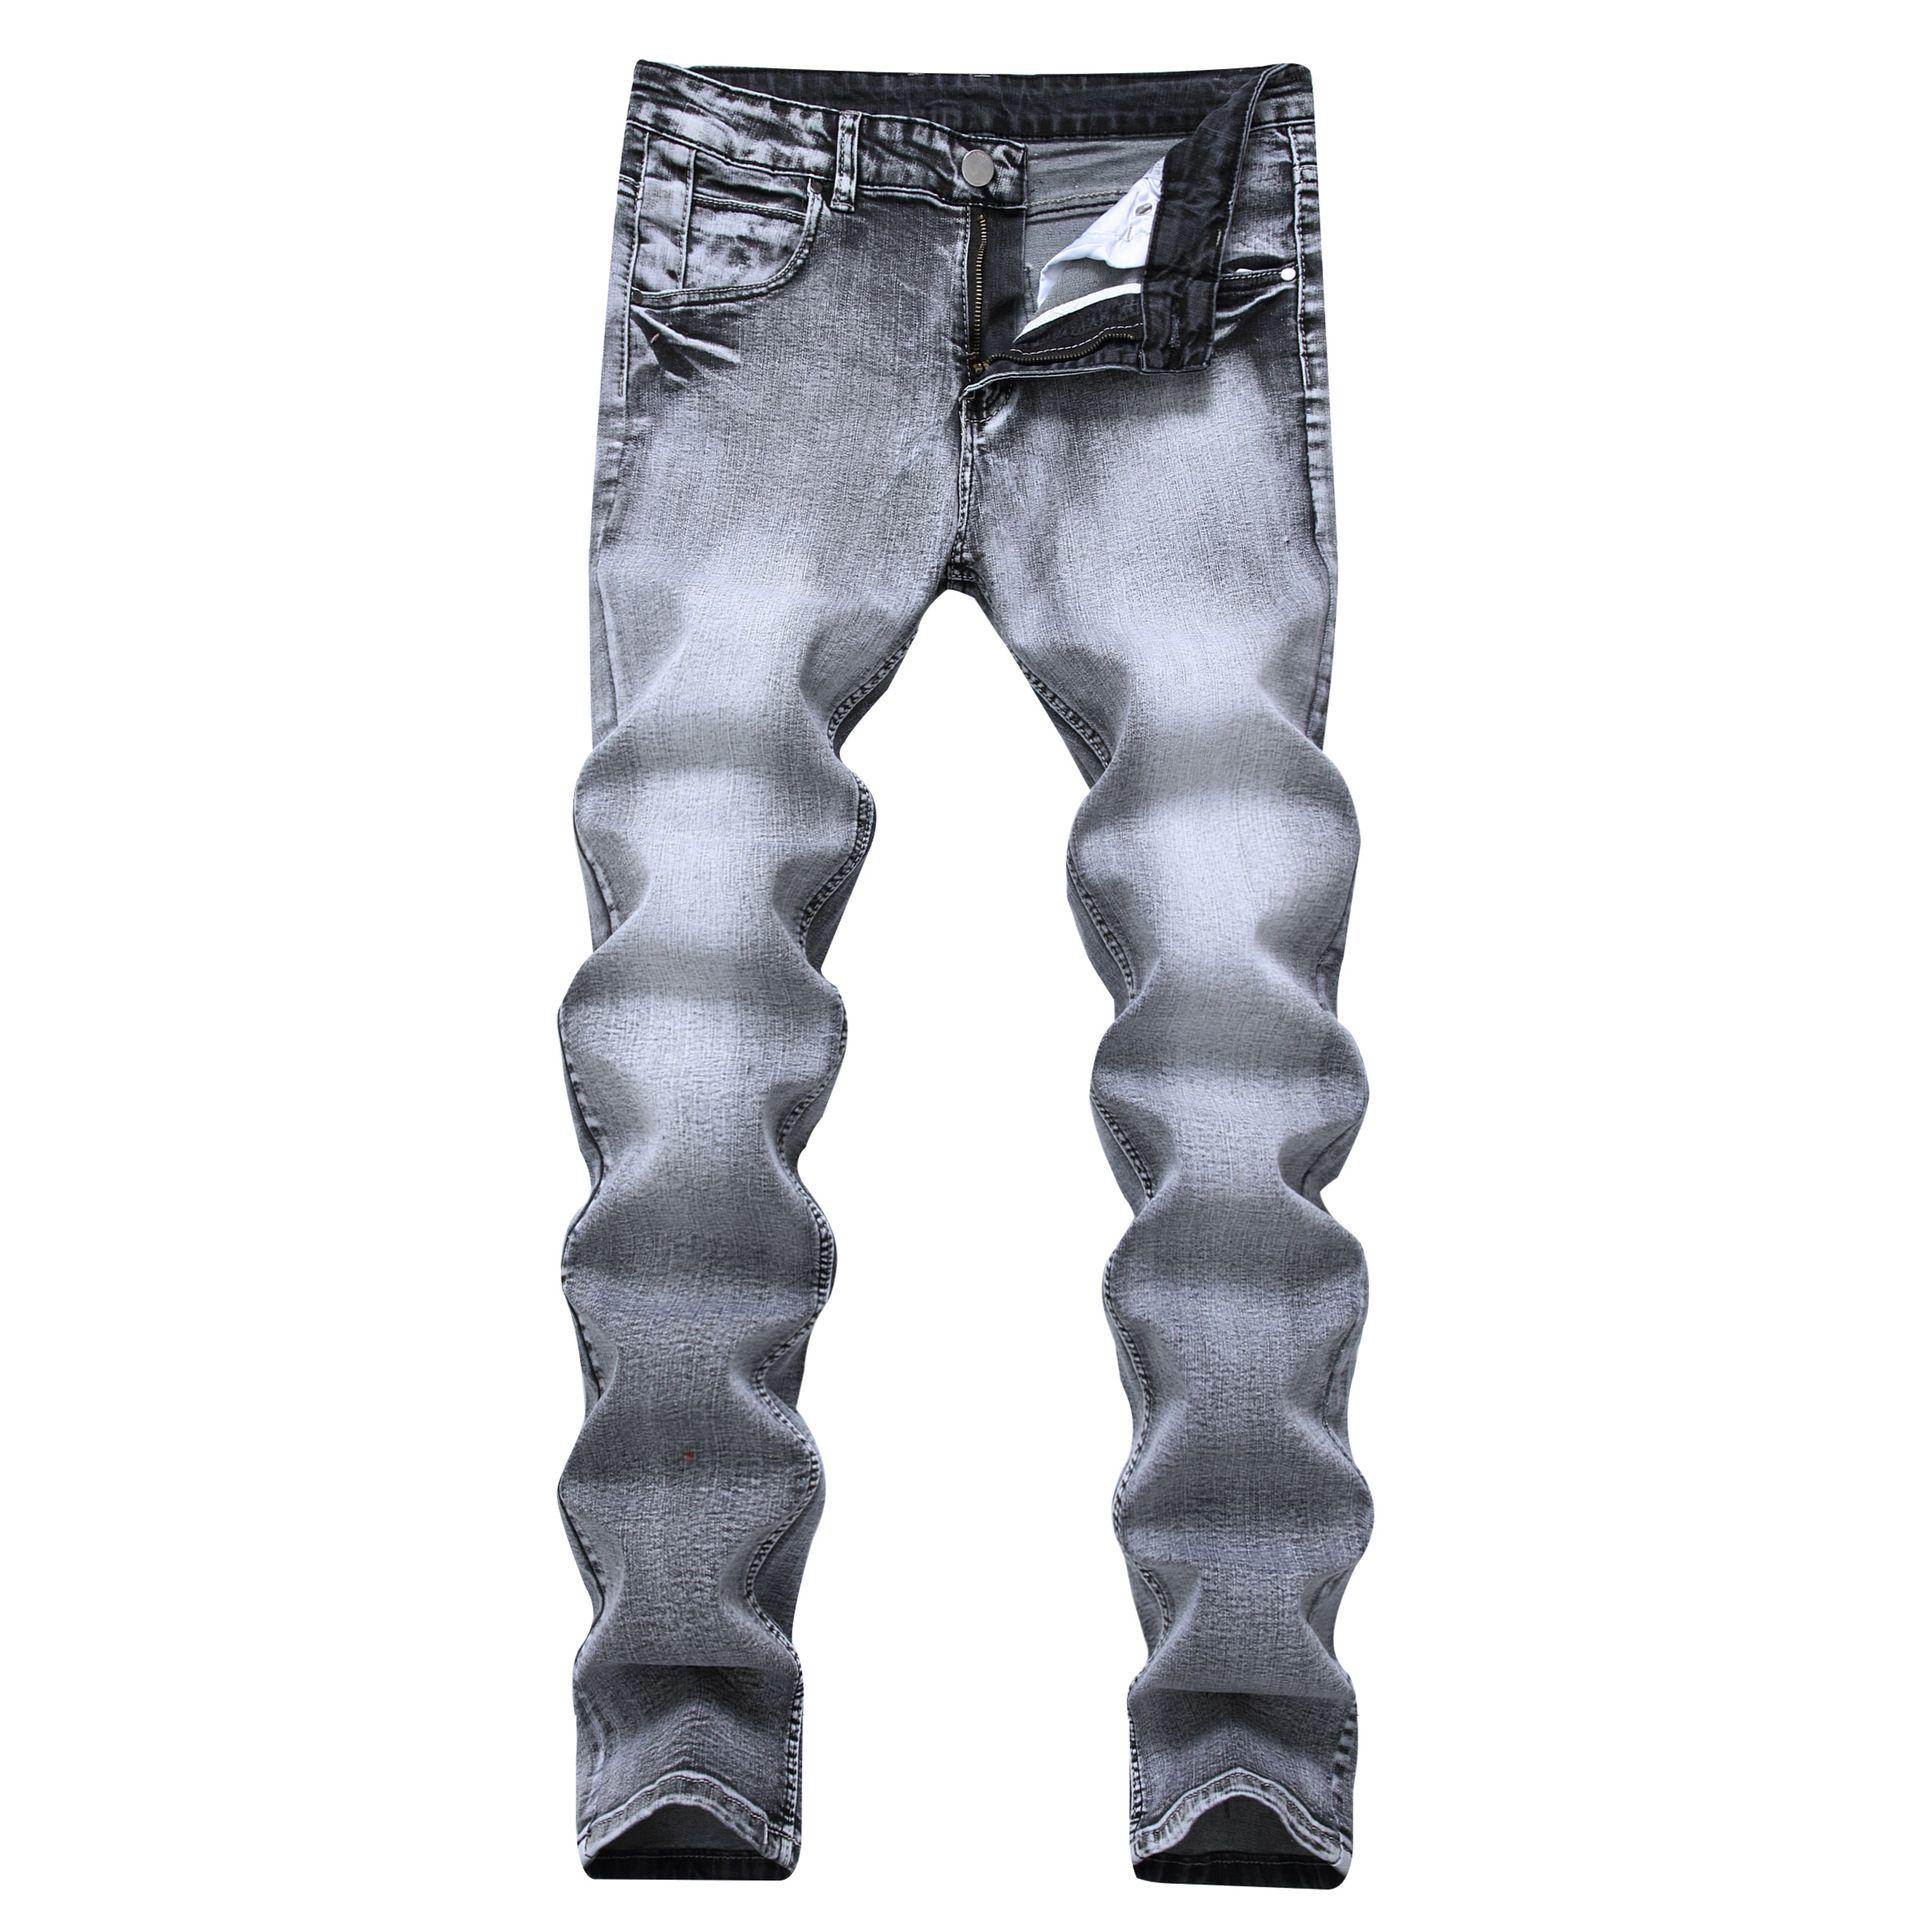 c71c54da8940 Compre Chegada Nova Moda Masculina Cinza Claro Calça Jeans Elástica Calças  Masculinas Retas Magro Calça Jeans Nostálgico Mid Cintura Jeans De  Clothesg220, ...